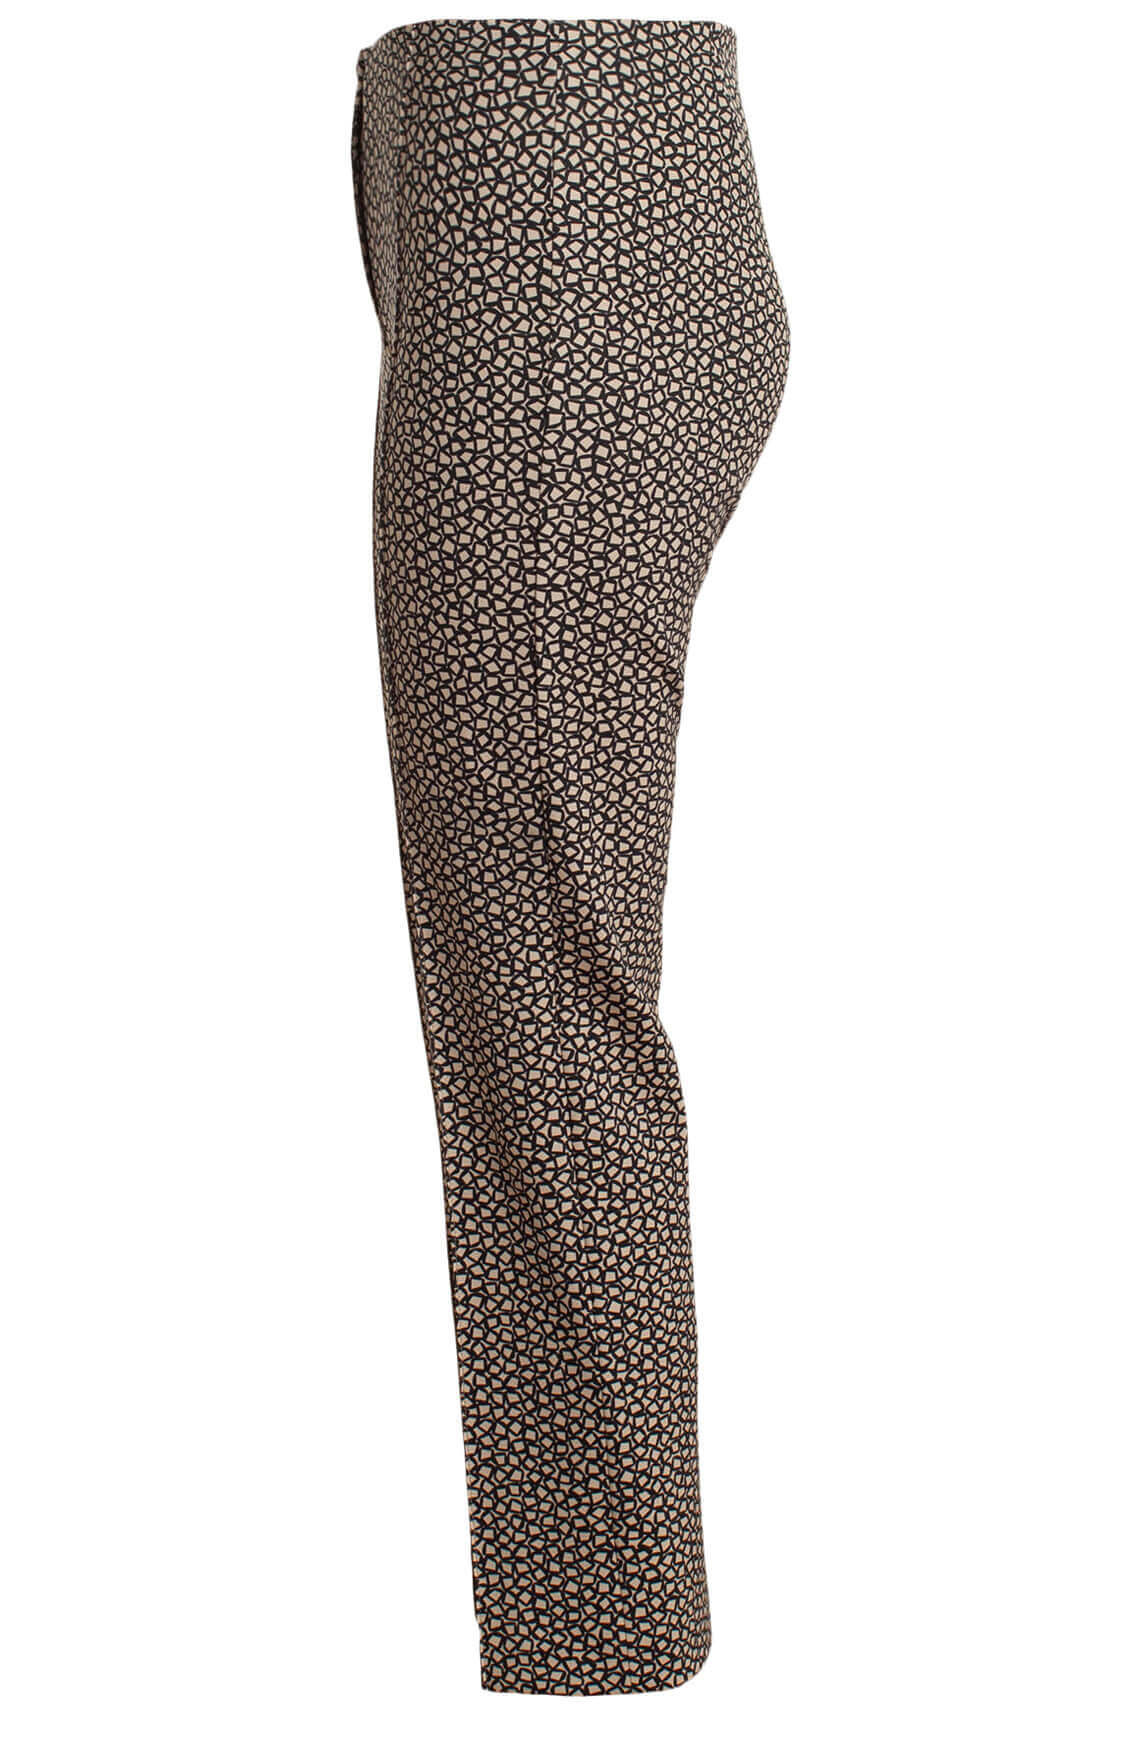 Rosner Dames Alisa pantalon met print Bruin